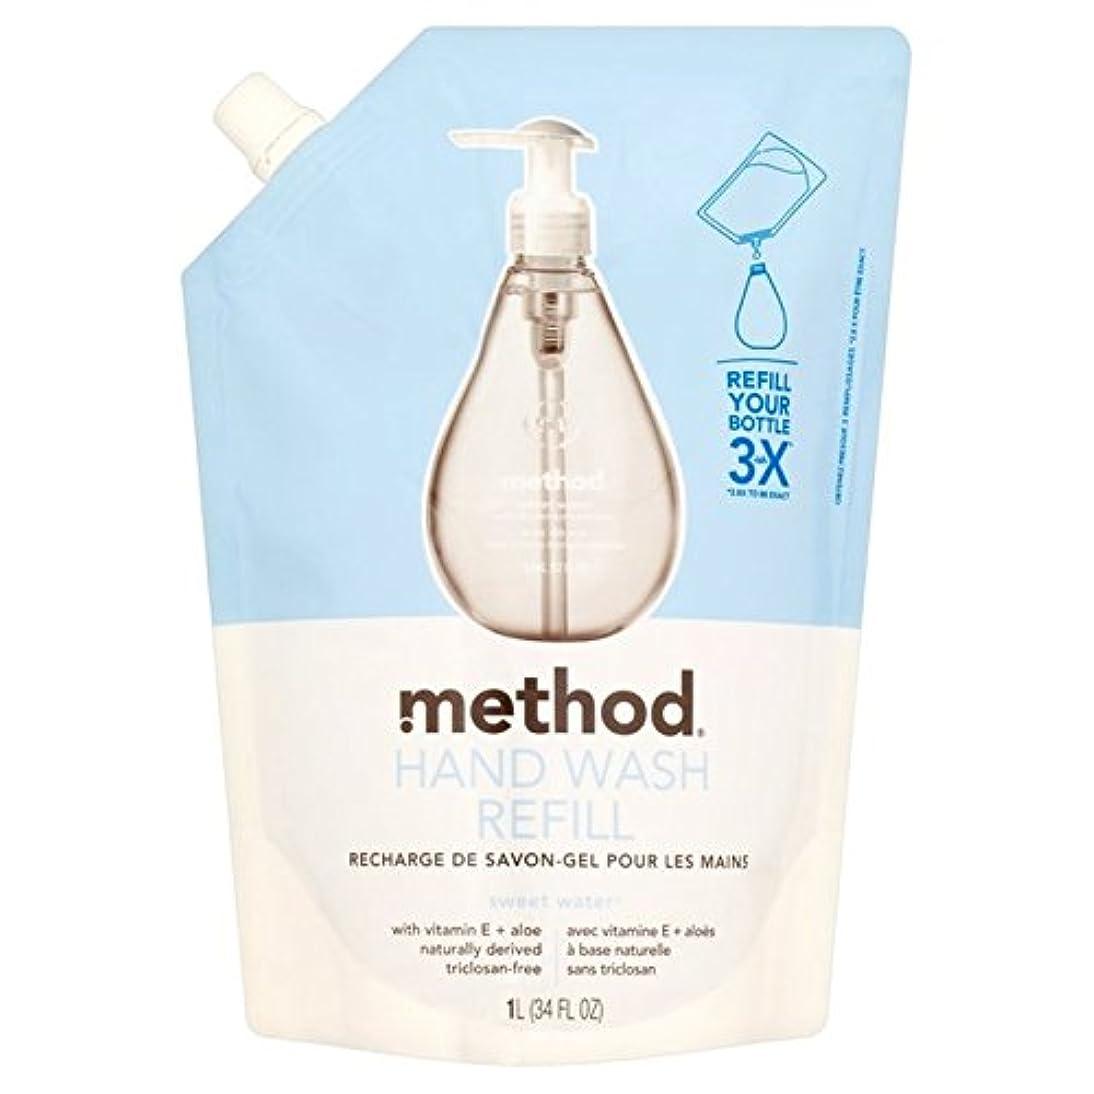 島創造冷蔵庫Method Sweet Water Refil Handwash 1L - メソッドの甘い水のリファイルの手洗いの1リットル [並行輸入品]